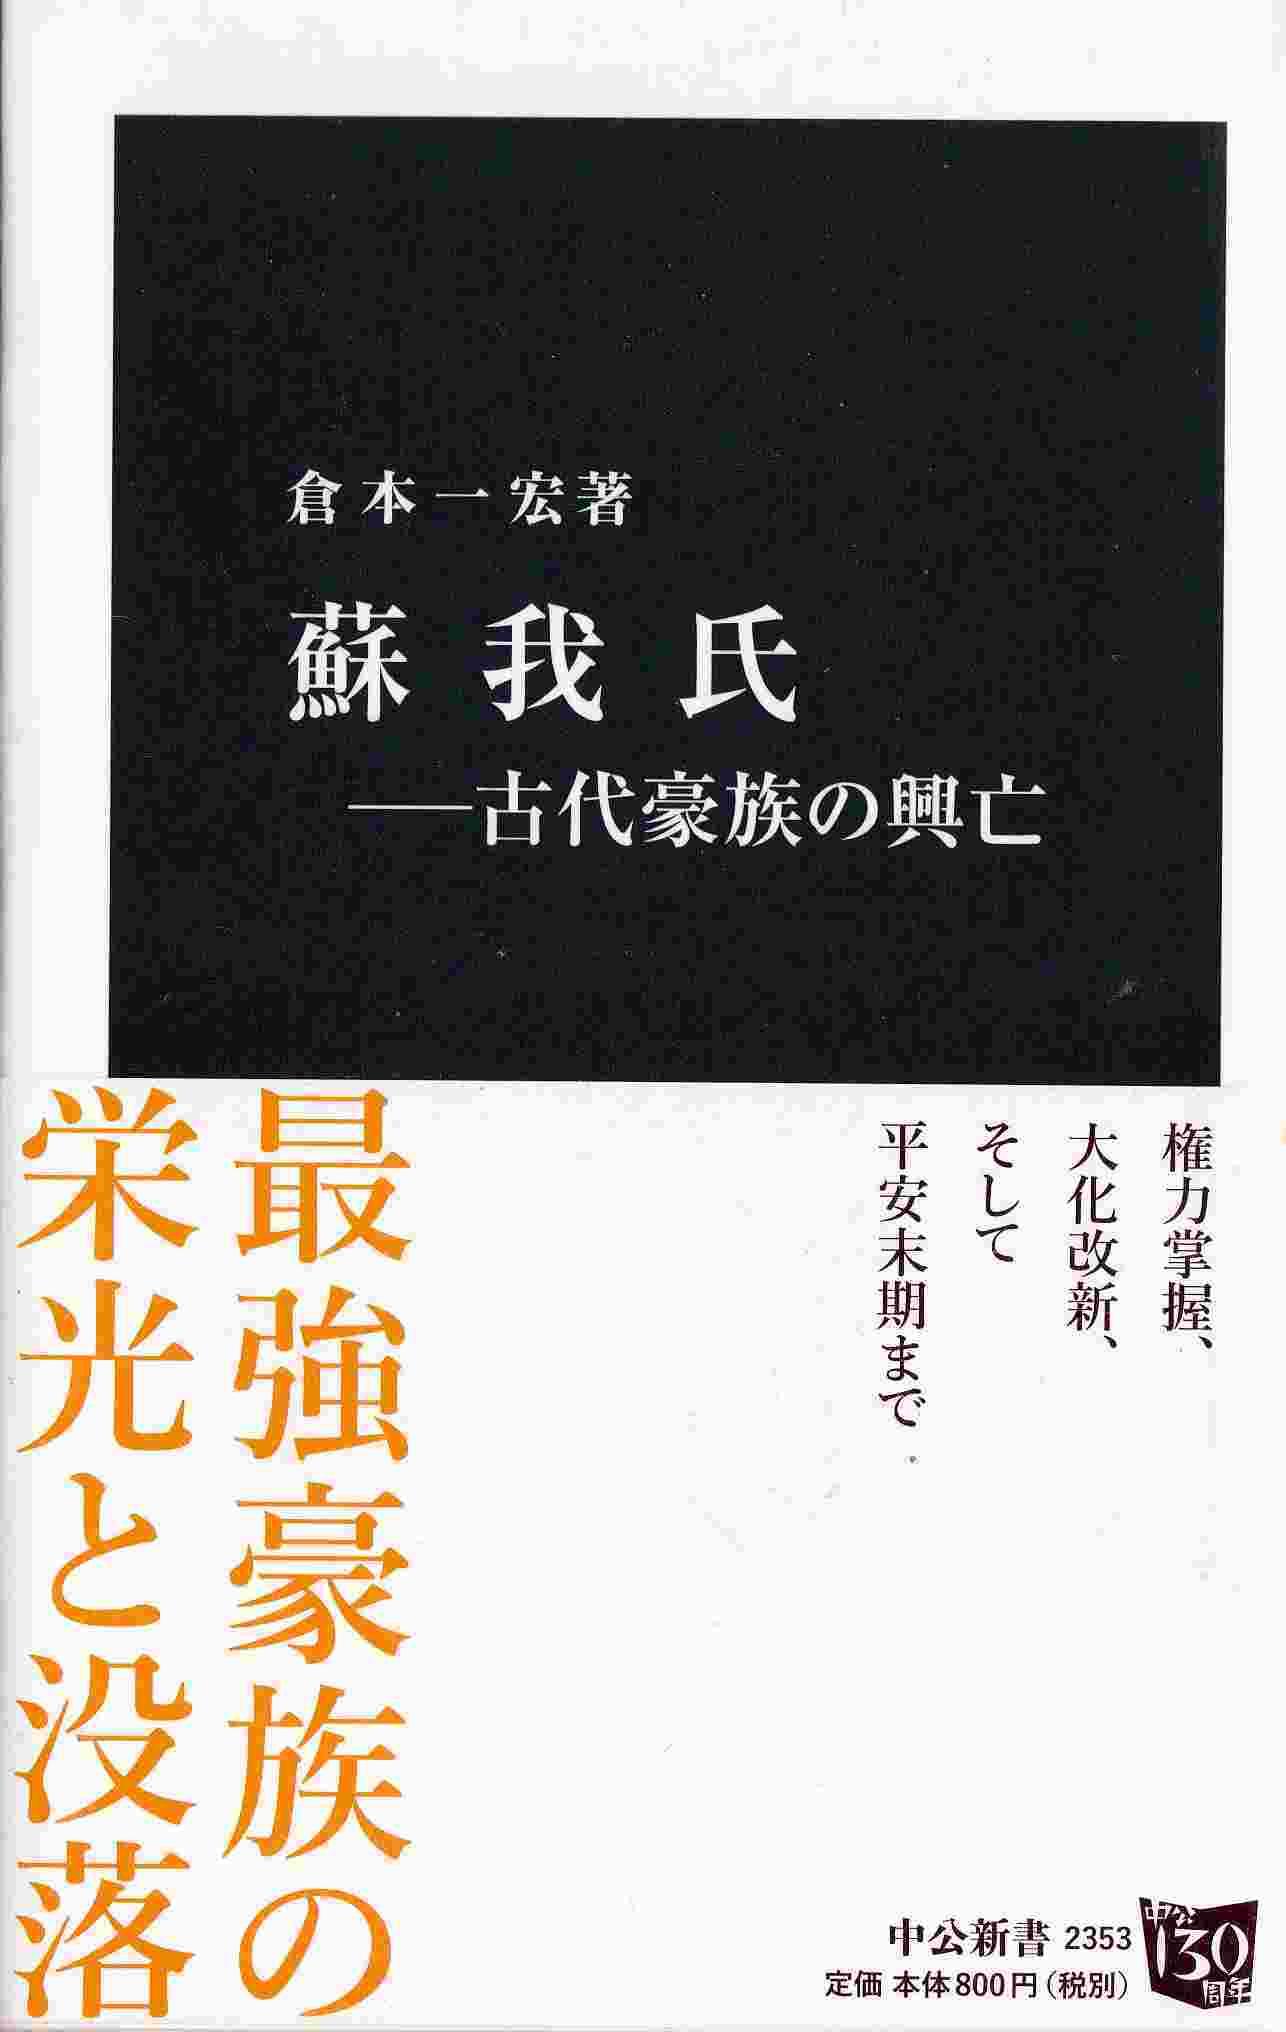 蘇我氏_d0338347_19390787.jpg